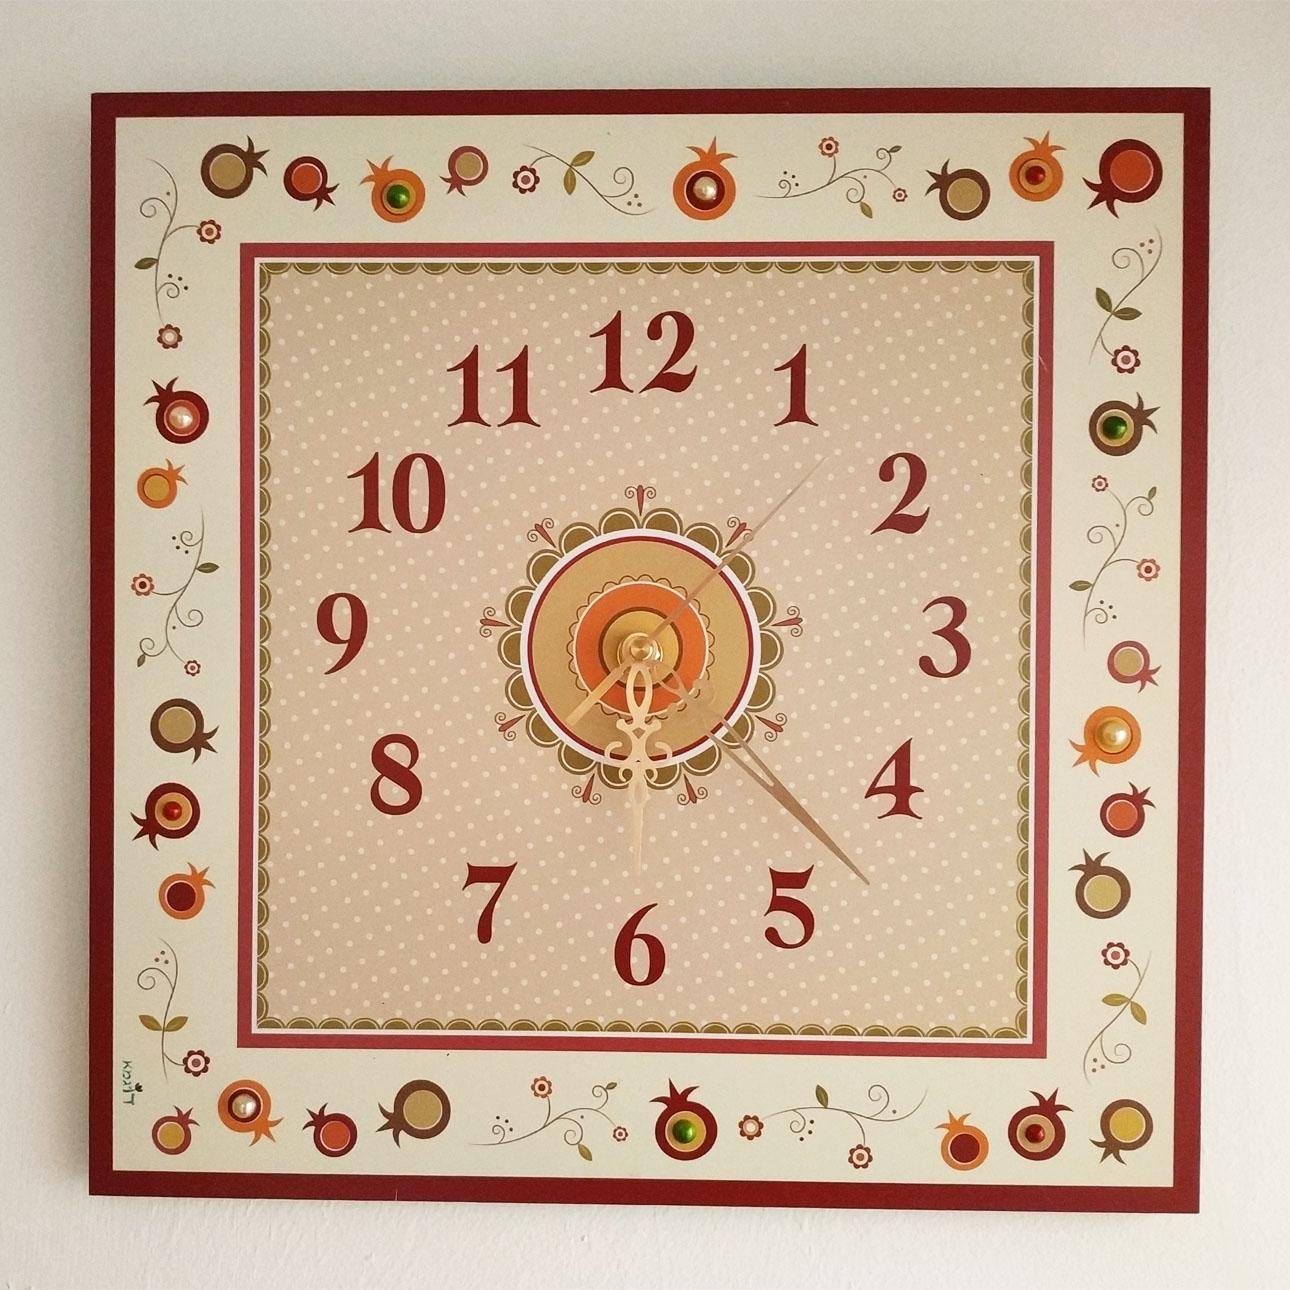 שעון קיר מעוצב - שמנת (רימונים) - דוגמא